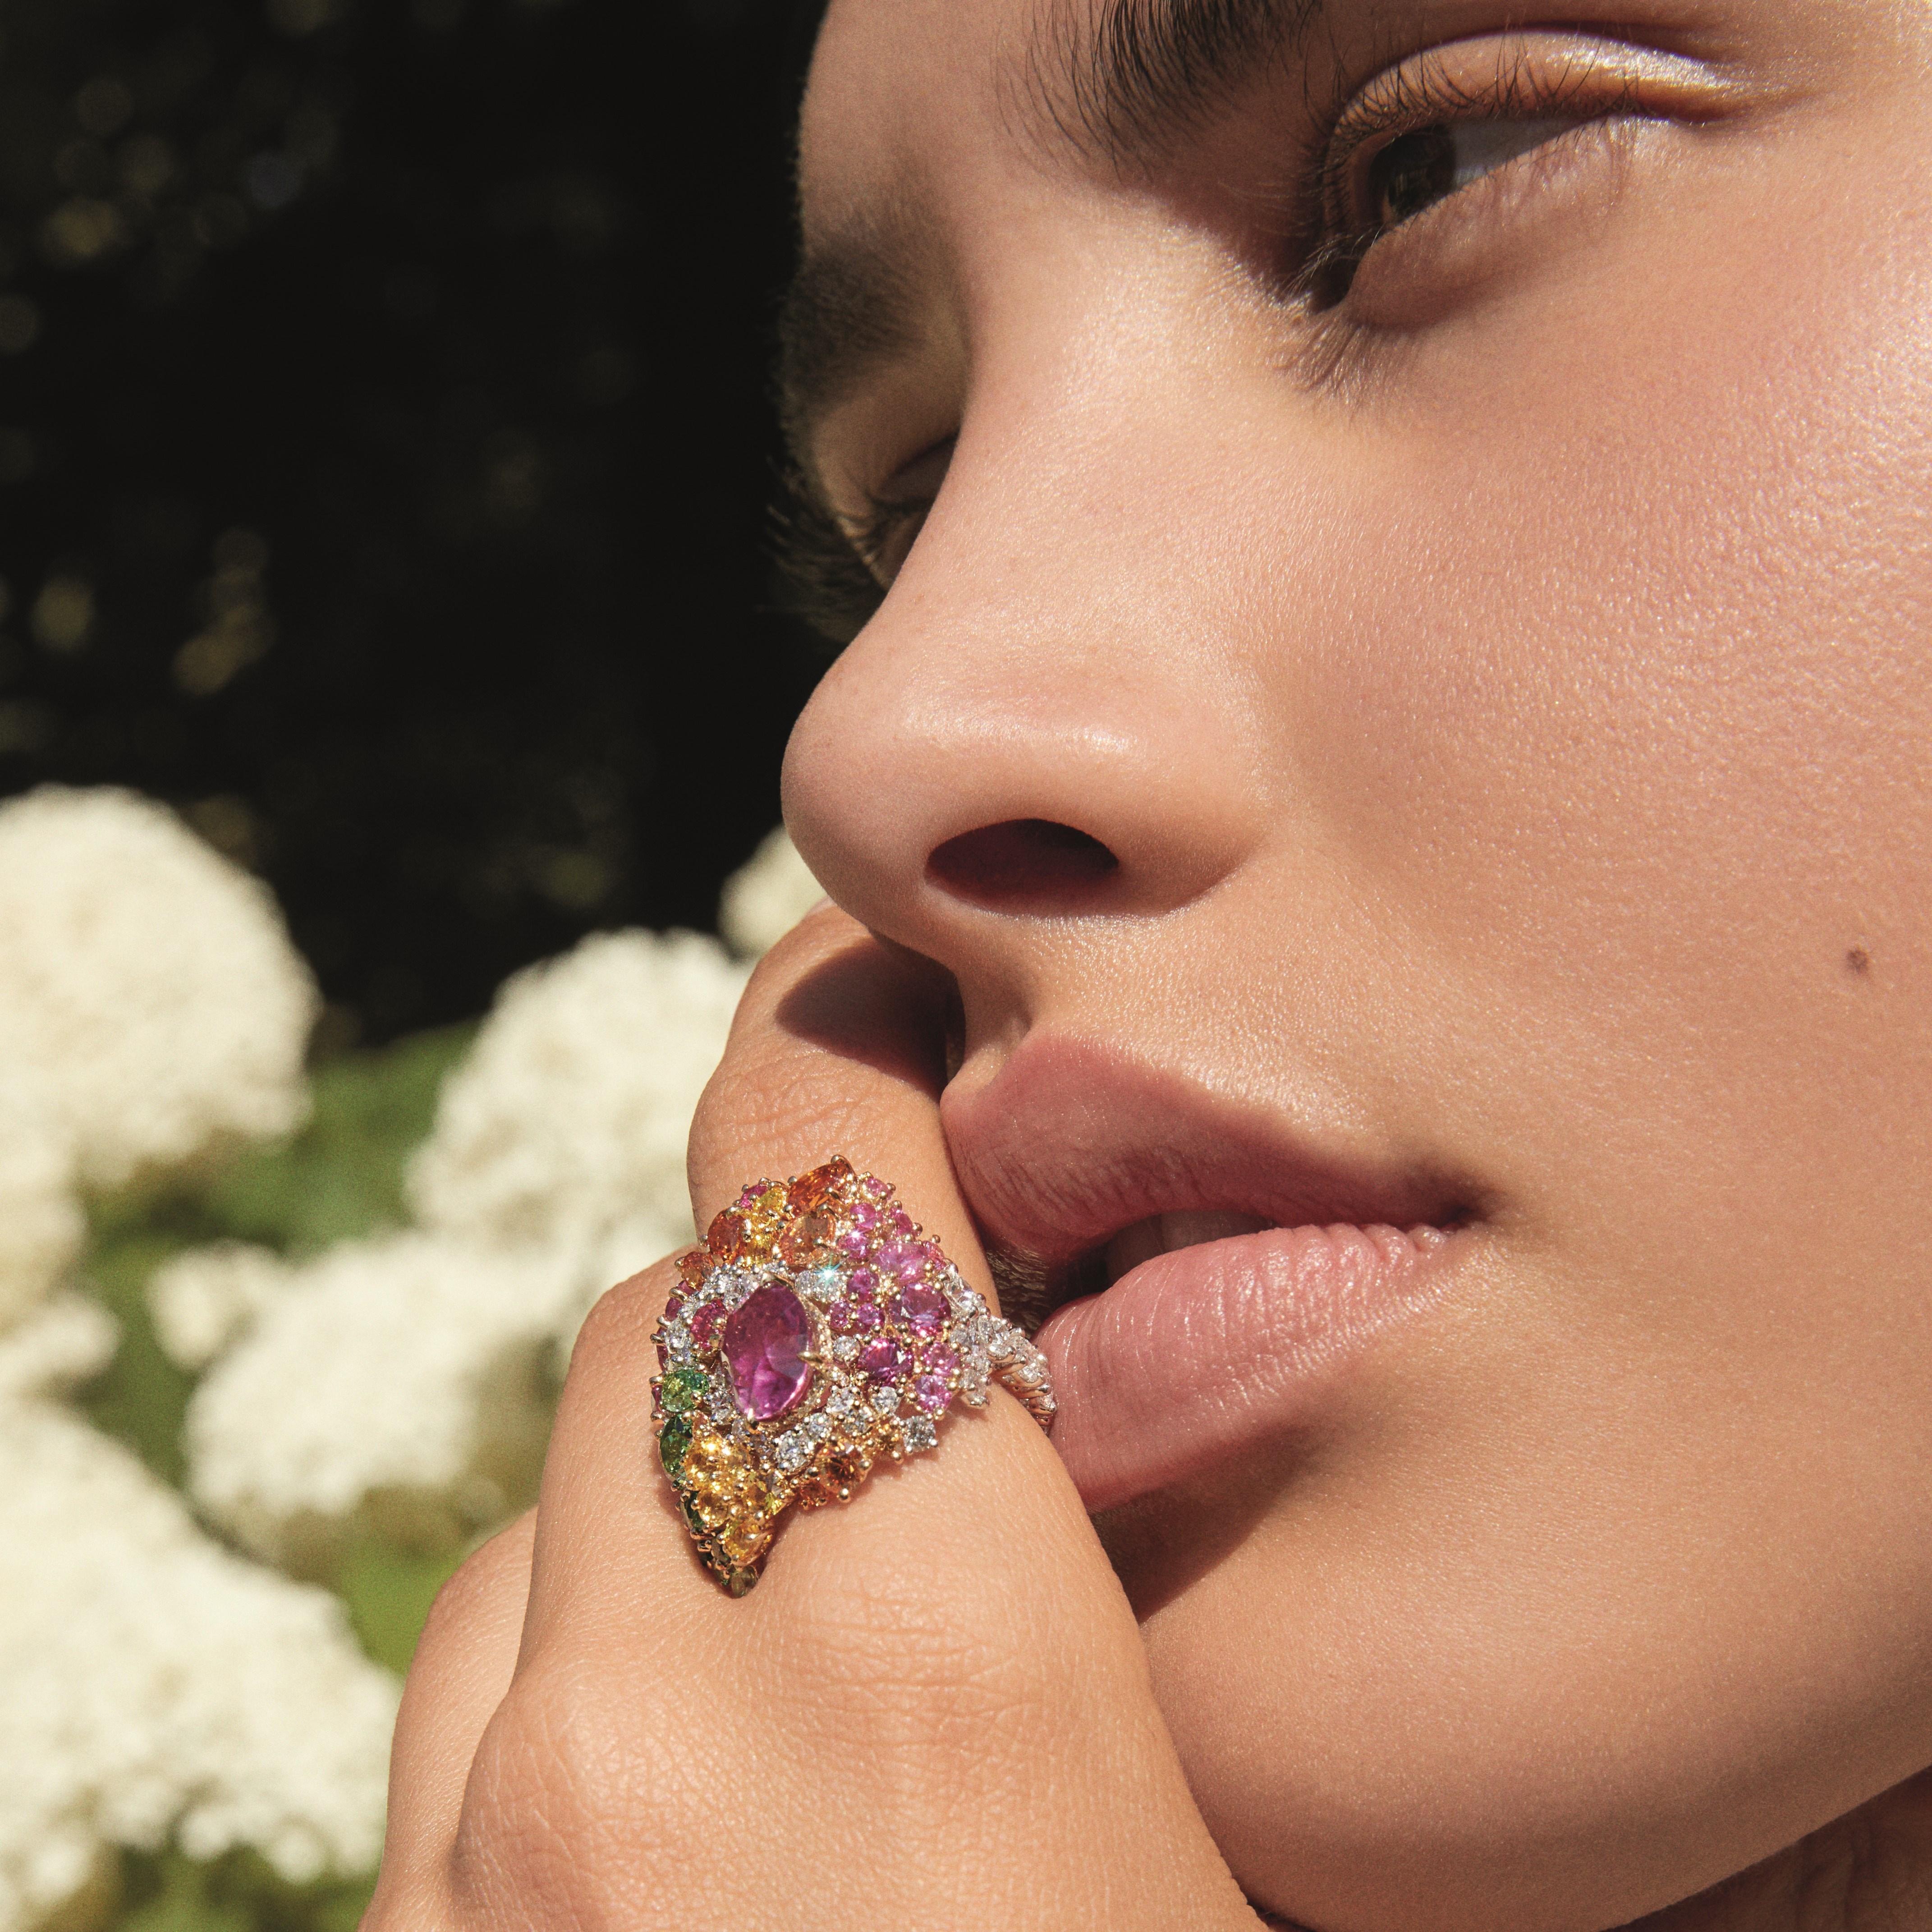 خاتم Tie & Dior: ذهب أصفر وأبيض، ألماس، ياقوت وردي، عقيق السبيسارتيت، عقيق التسافوريت وياقوت أصفر. من Dior High Jewellery.